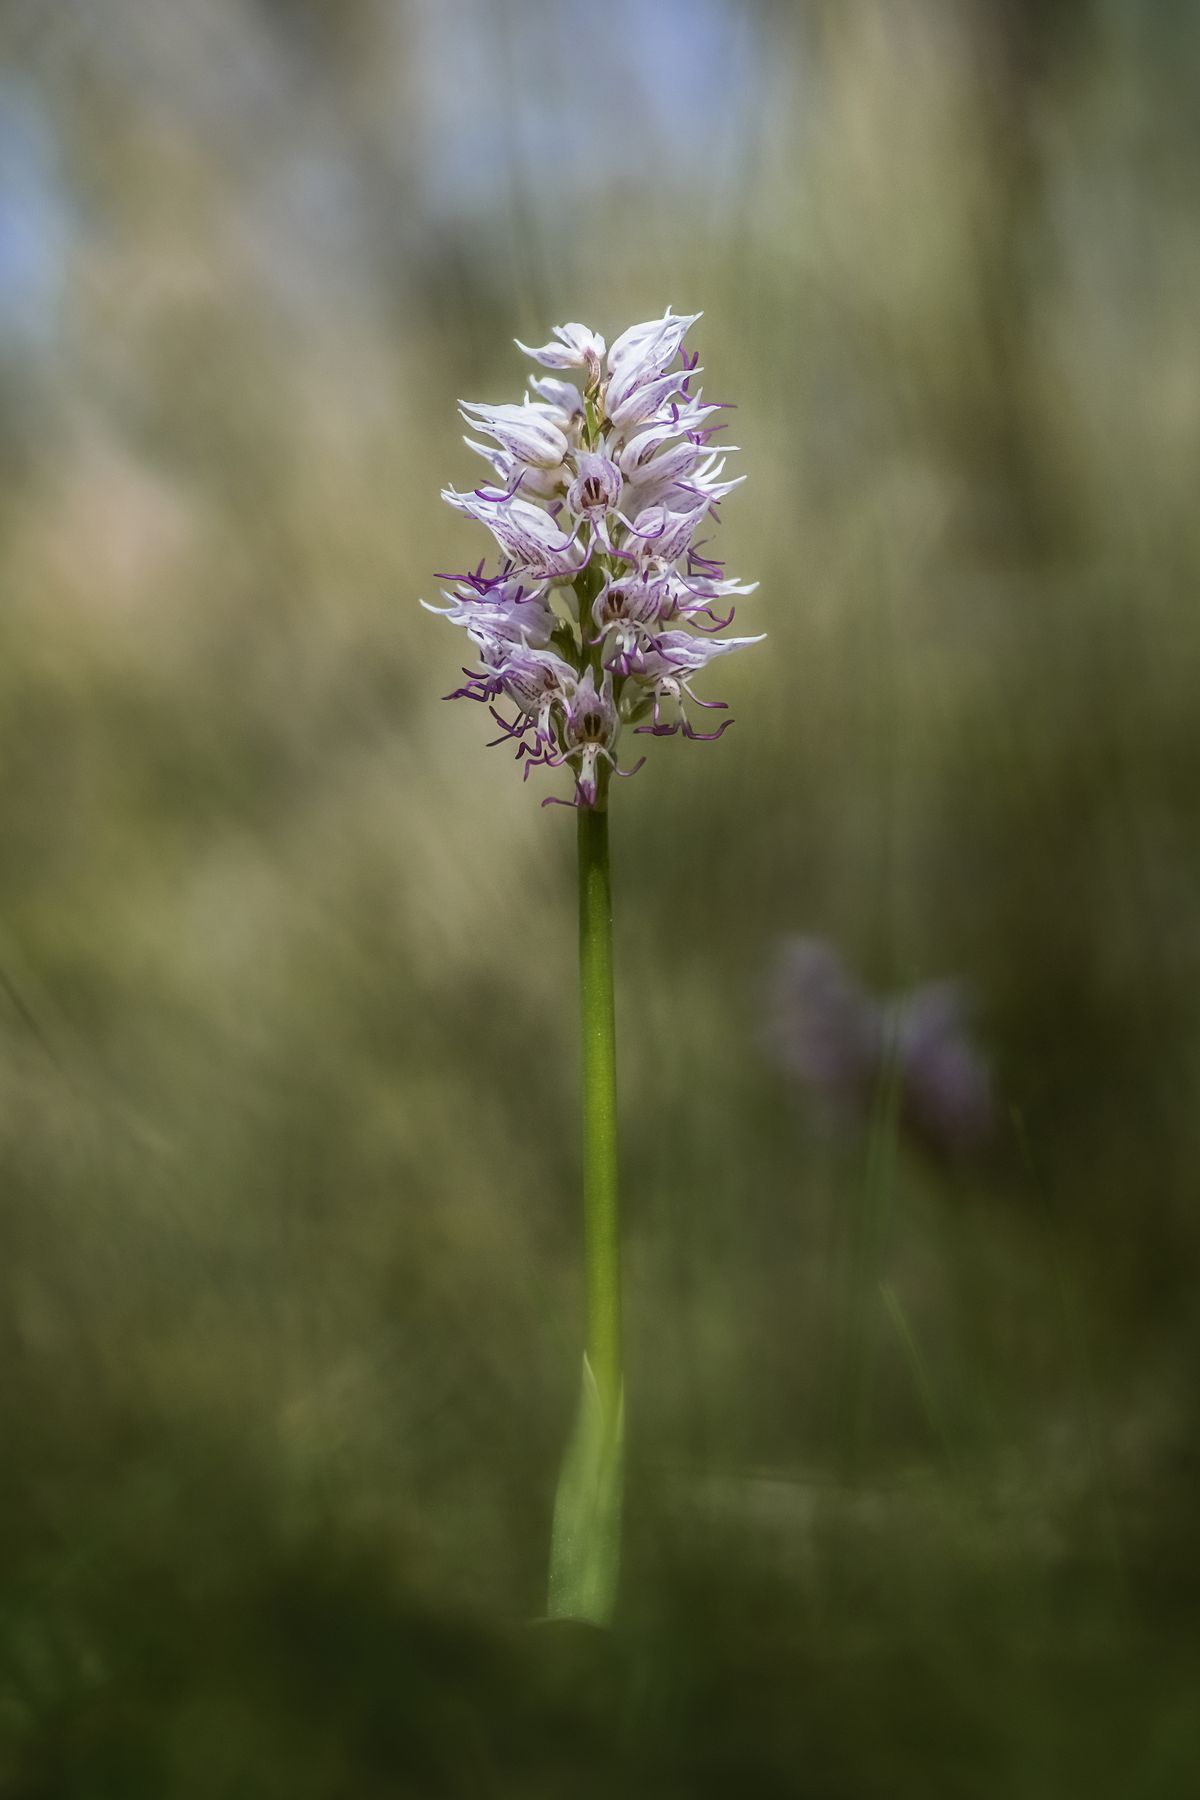 Ятрышник обезьяний цветы макро природа